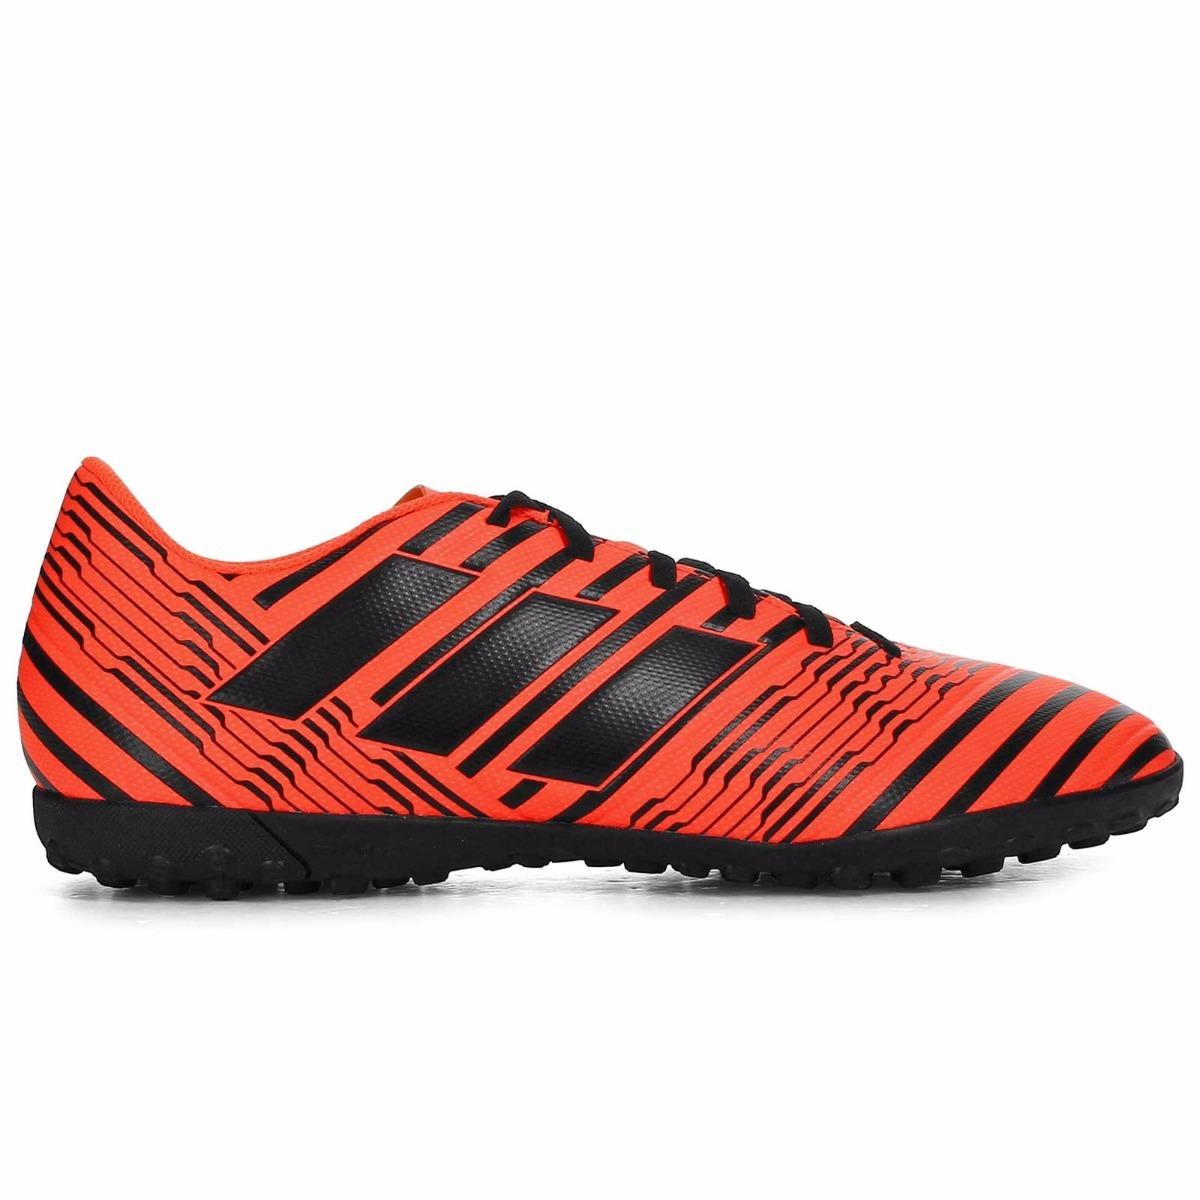 Diez Expectativa ignorar  adidas de futbol rapido - Tienda Online de Zapatos, Ropa y Complementos de  marca